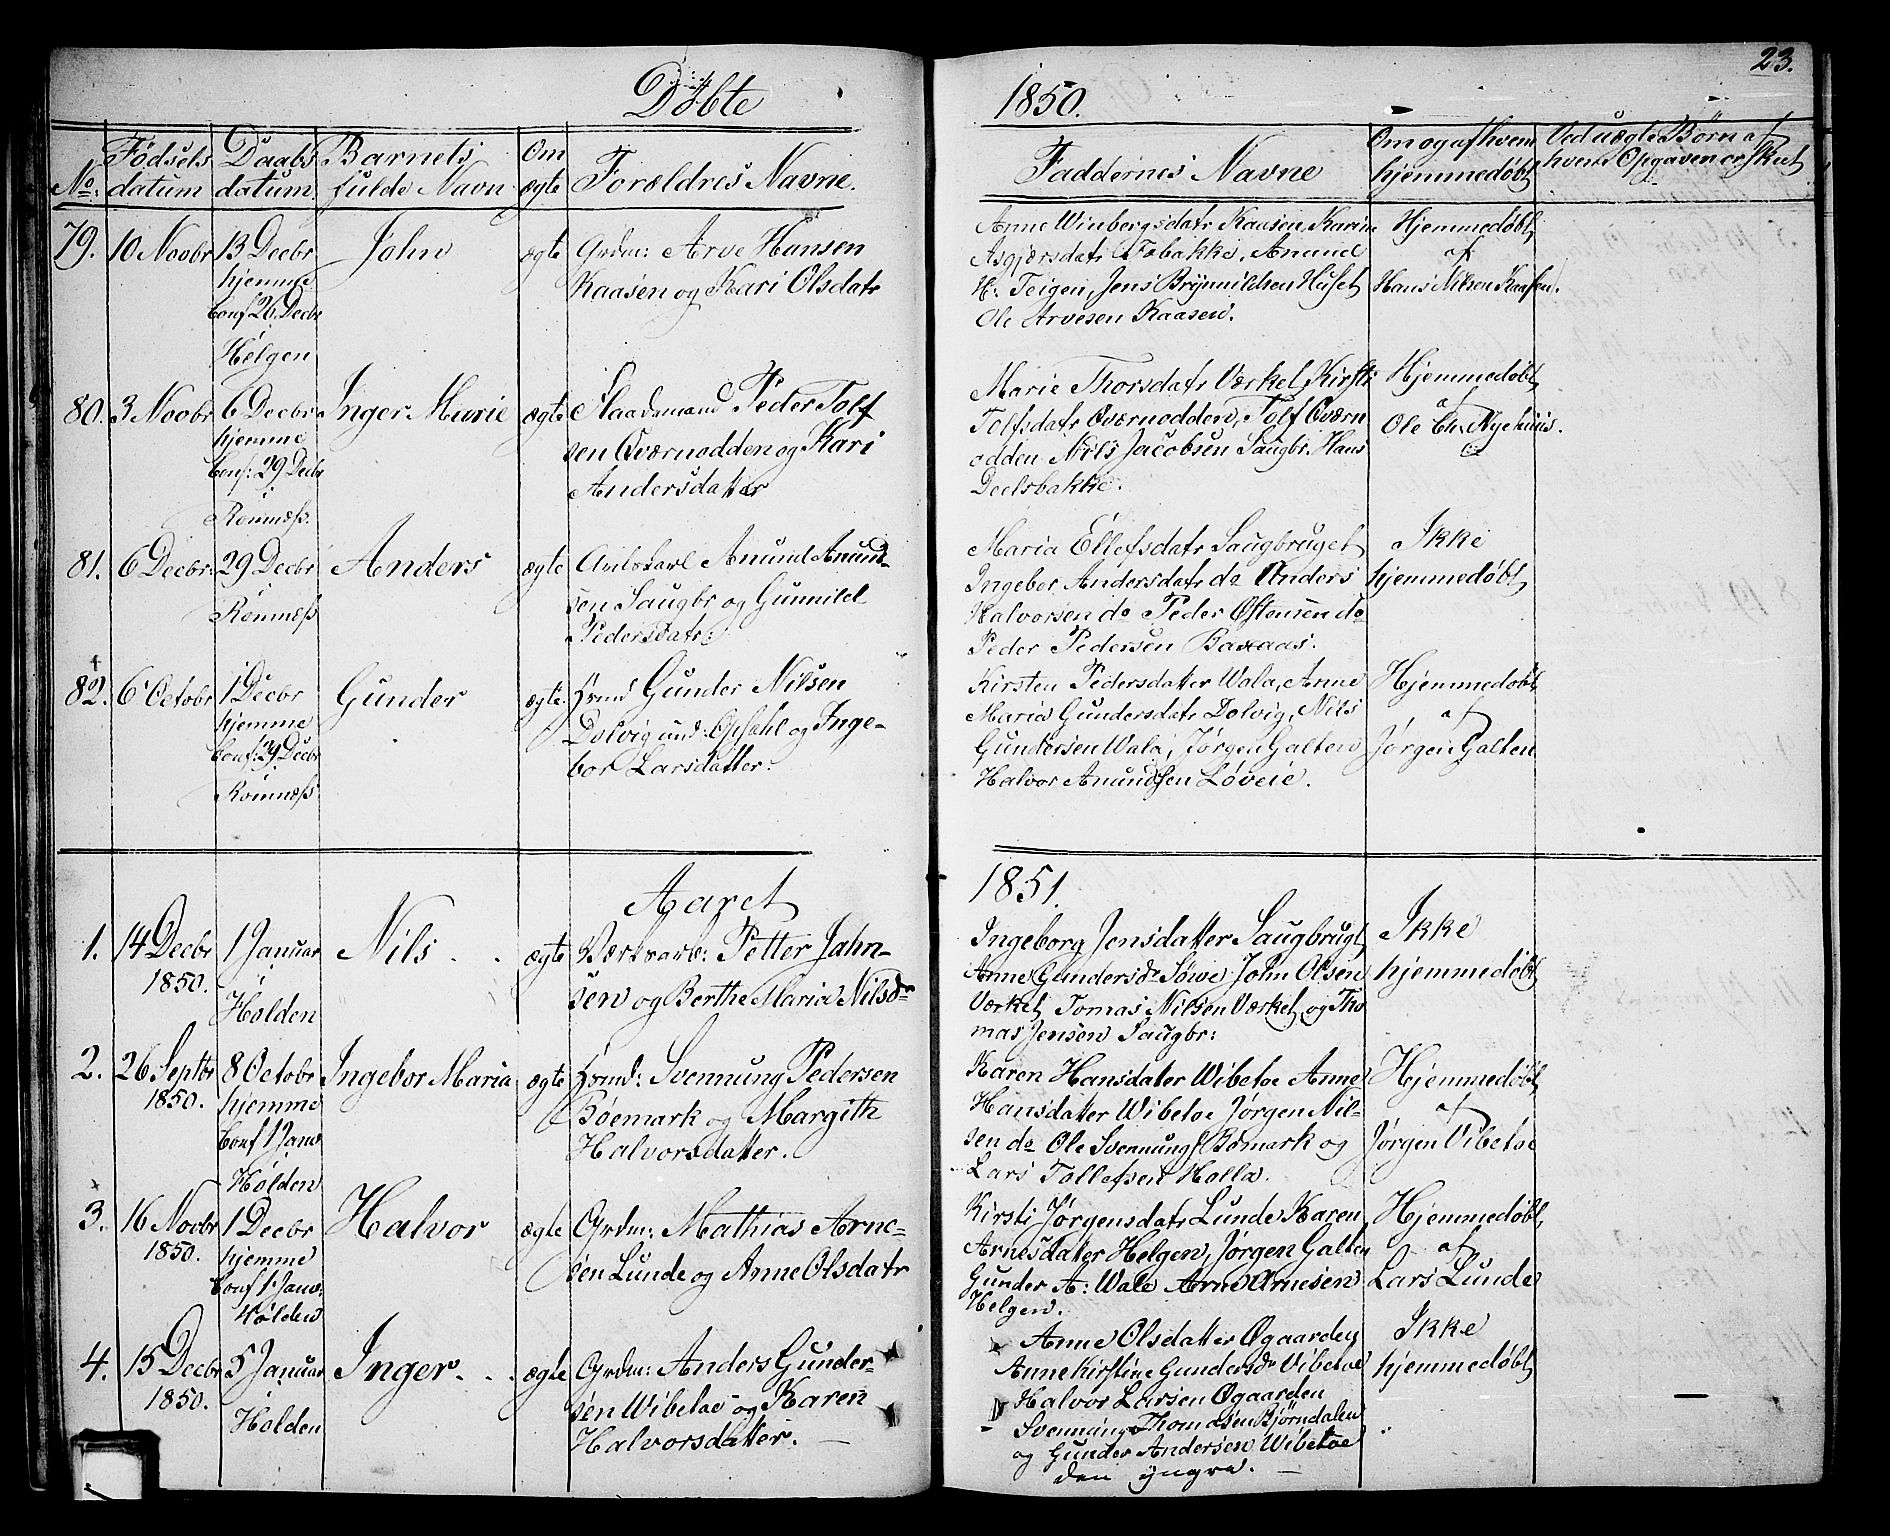 SAKO, Holla kirkebøker, G/Ga/L0003: Klokkerbok nr. I 3, 1849-1866, s. 23